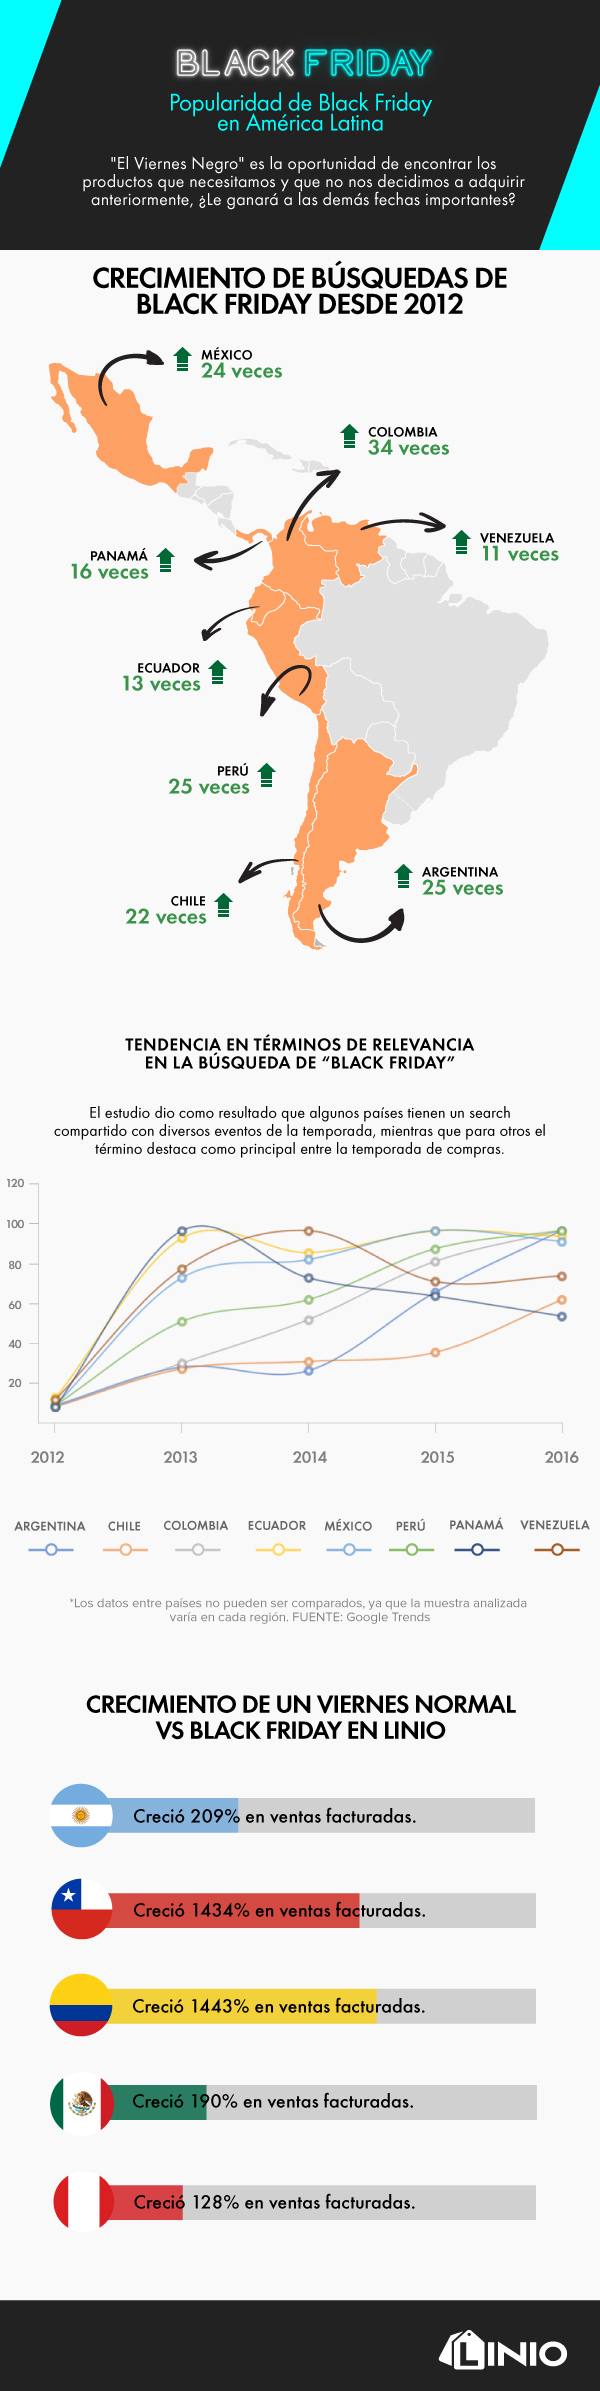 infografia blackfriday2017 Infografía: La popularidad de Black Friday en América Latina